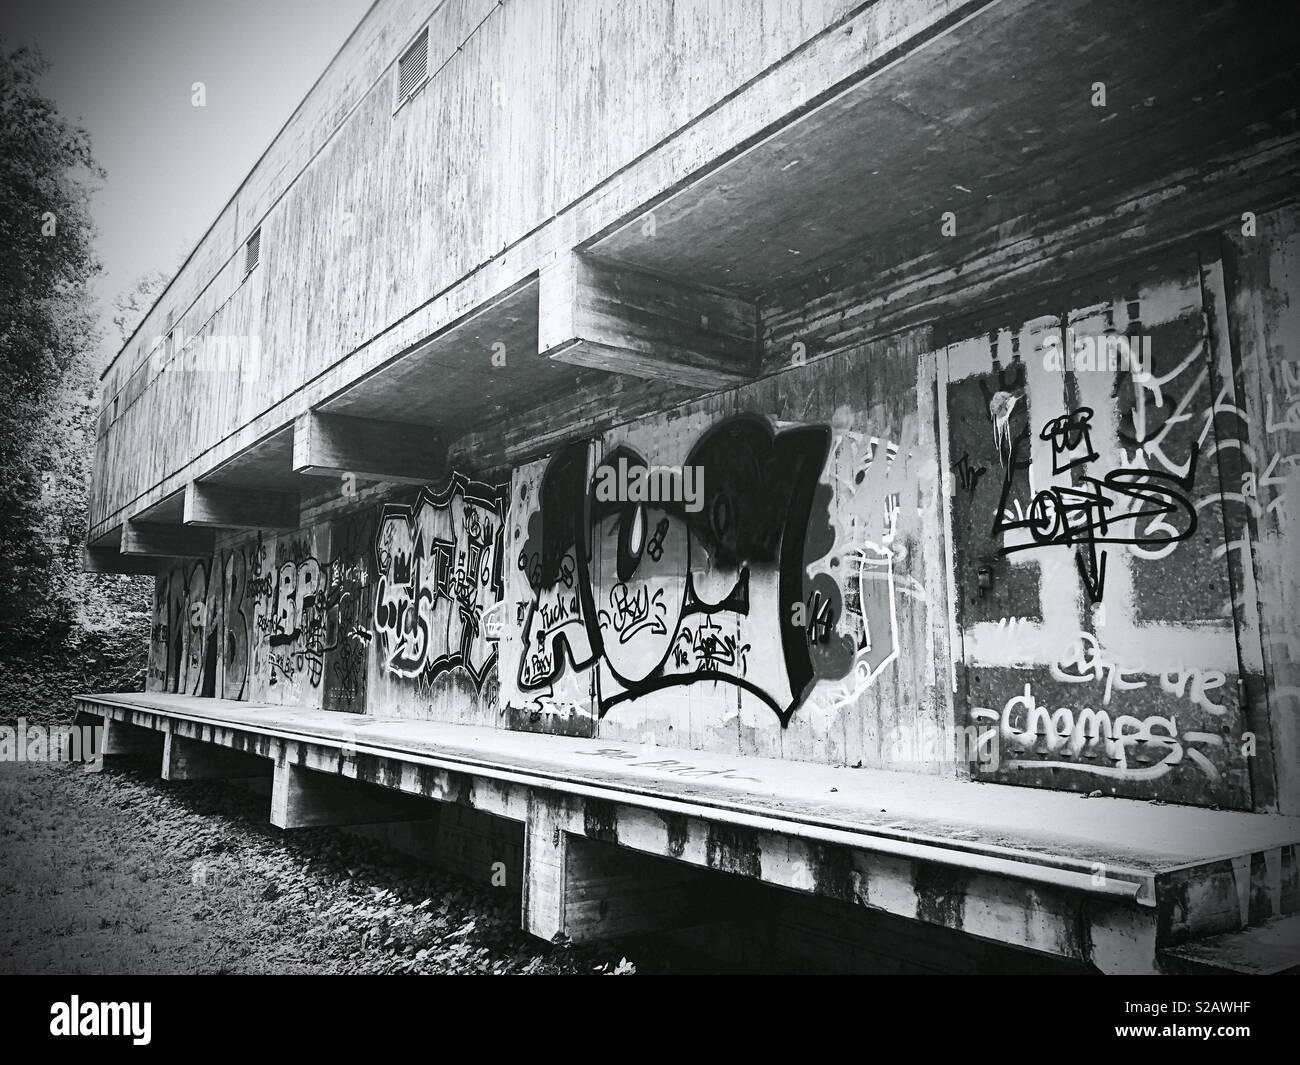 Graffiti en el lateral de un edificio Imagen De Stock